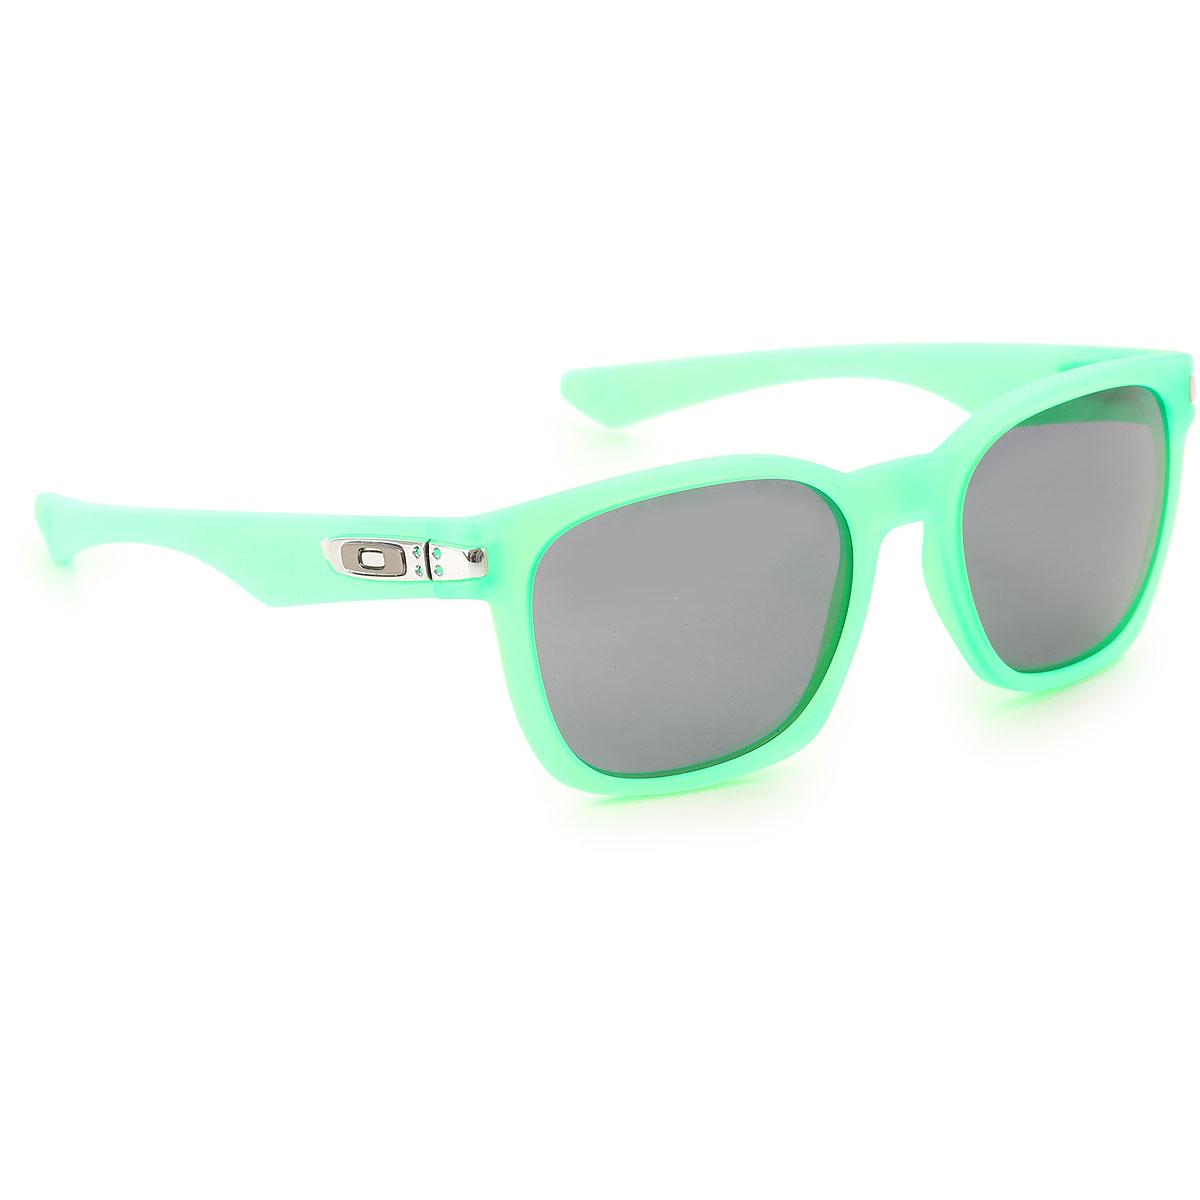 Oakley Sunglasses On Sale, Fluo Green, 2019